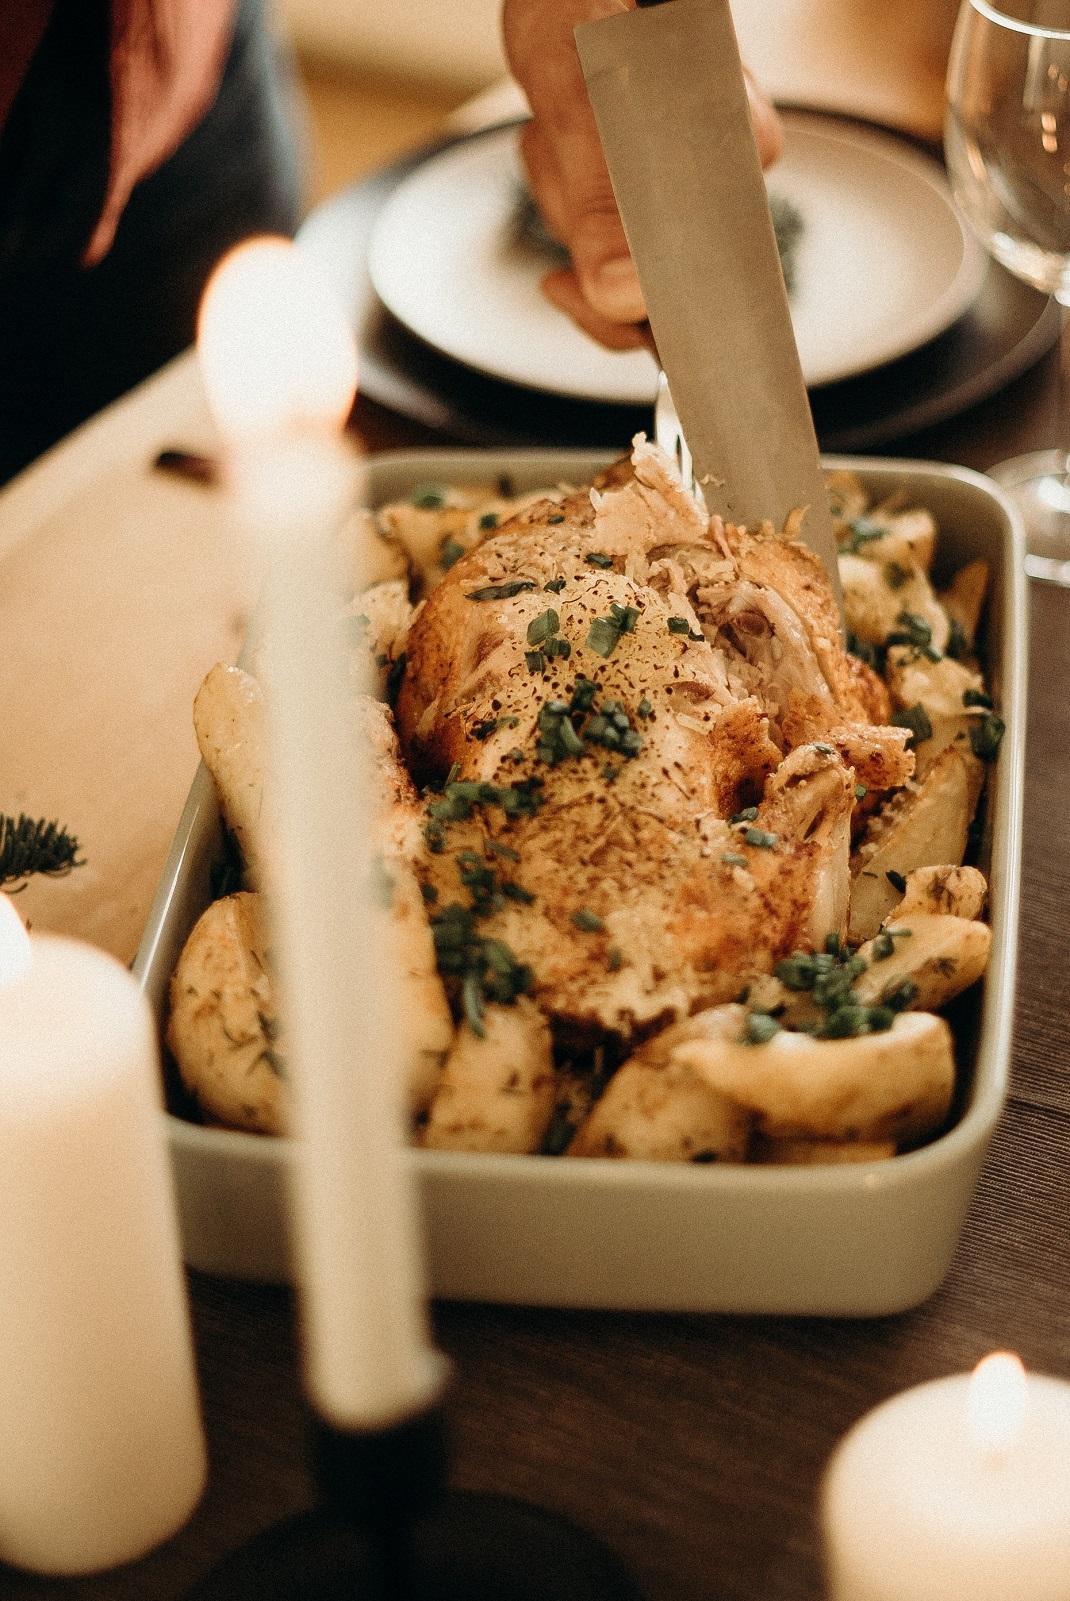 Κοτόπουλο στο φούρνο σε ταψί στο τραπέζι